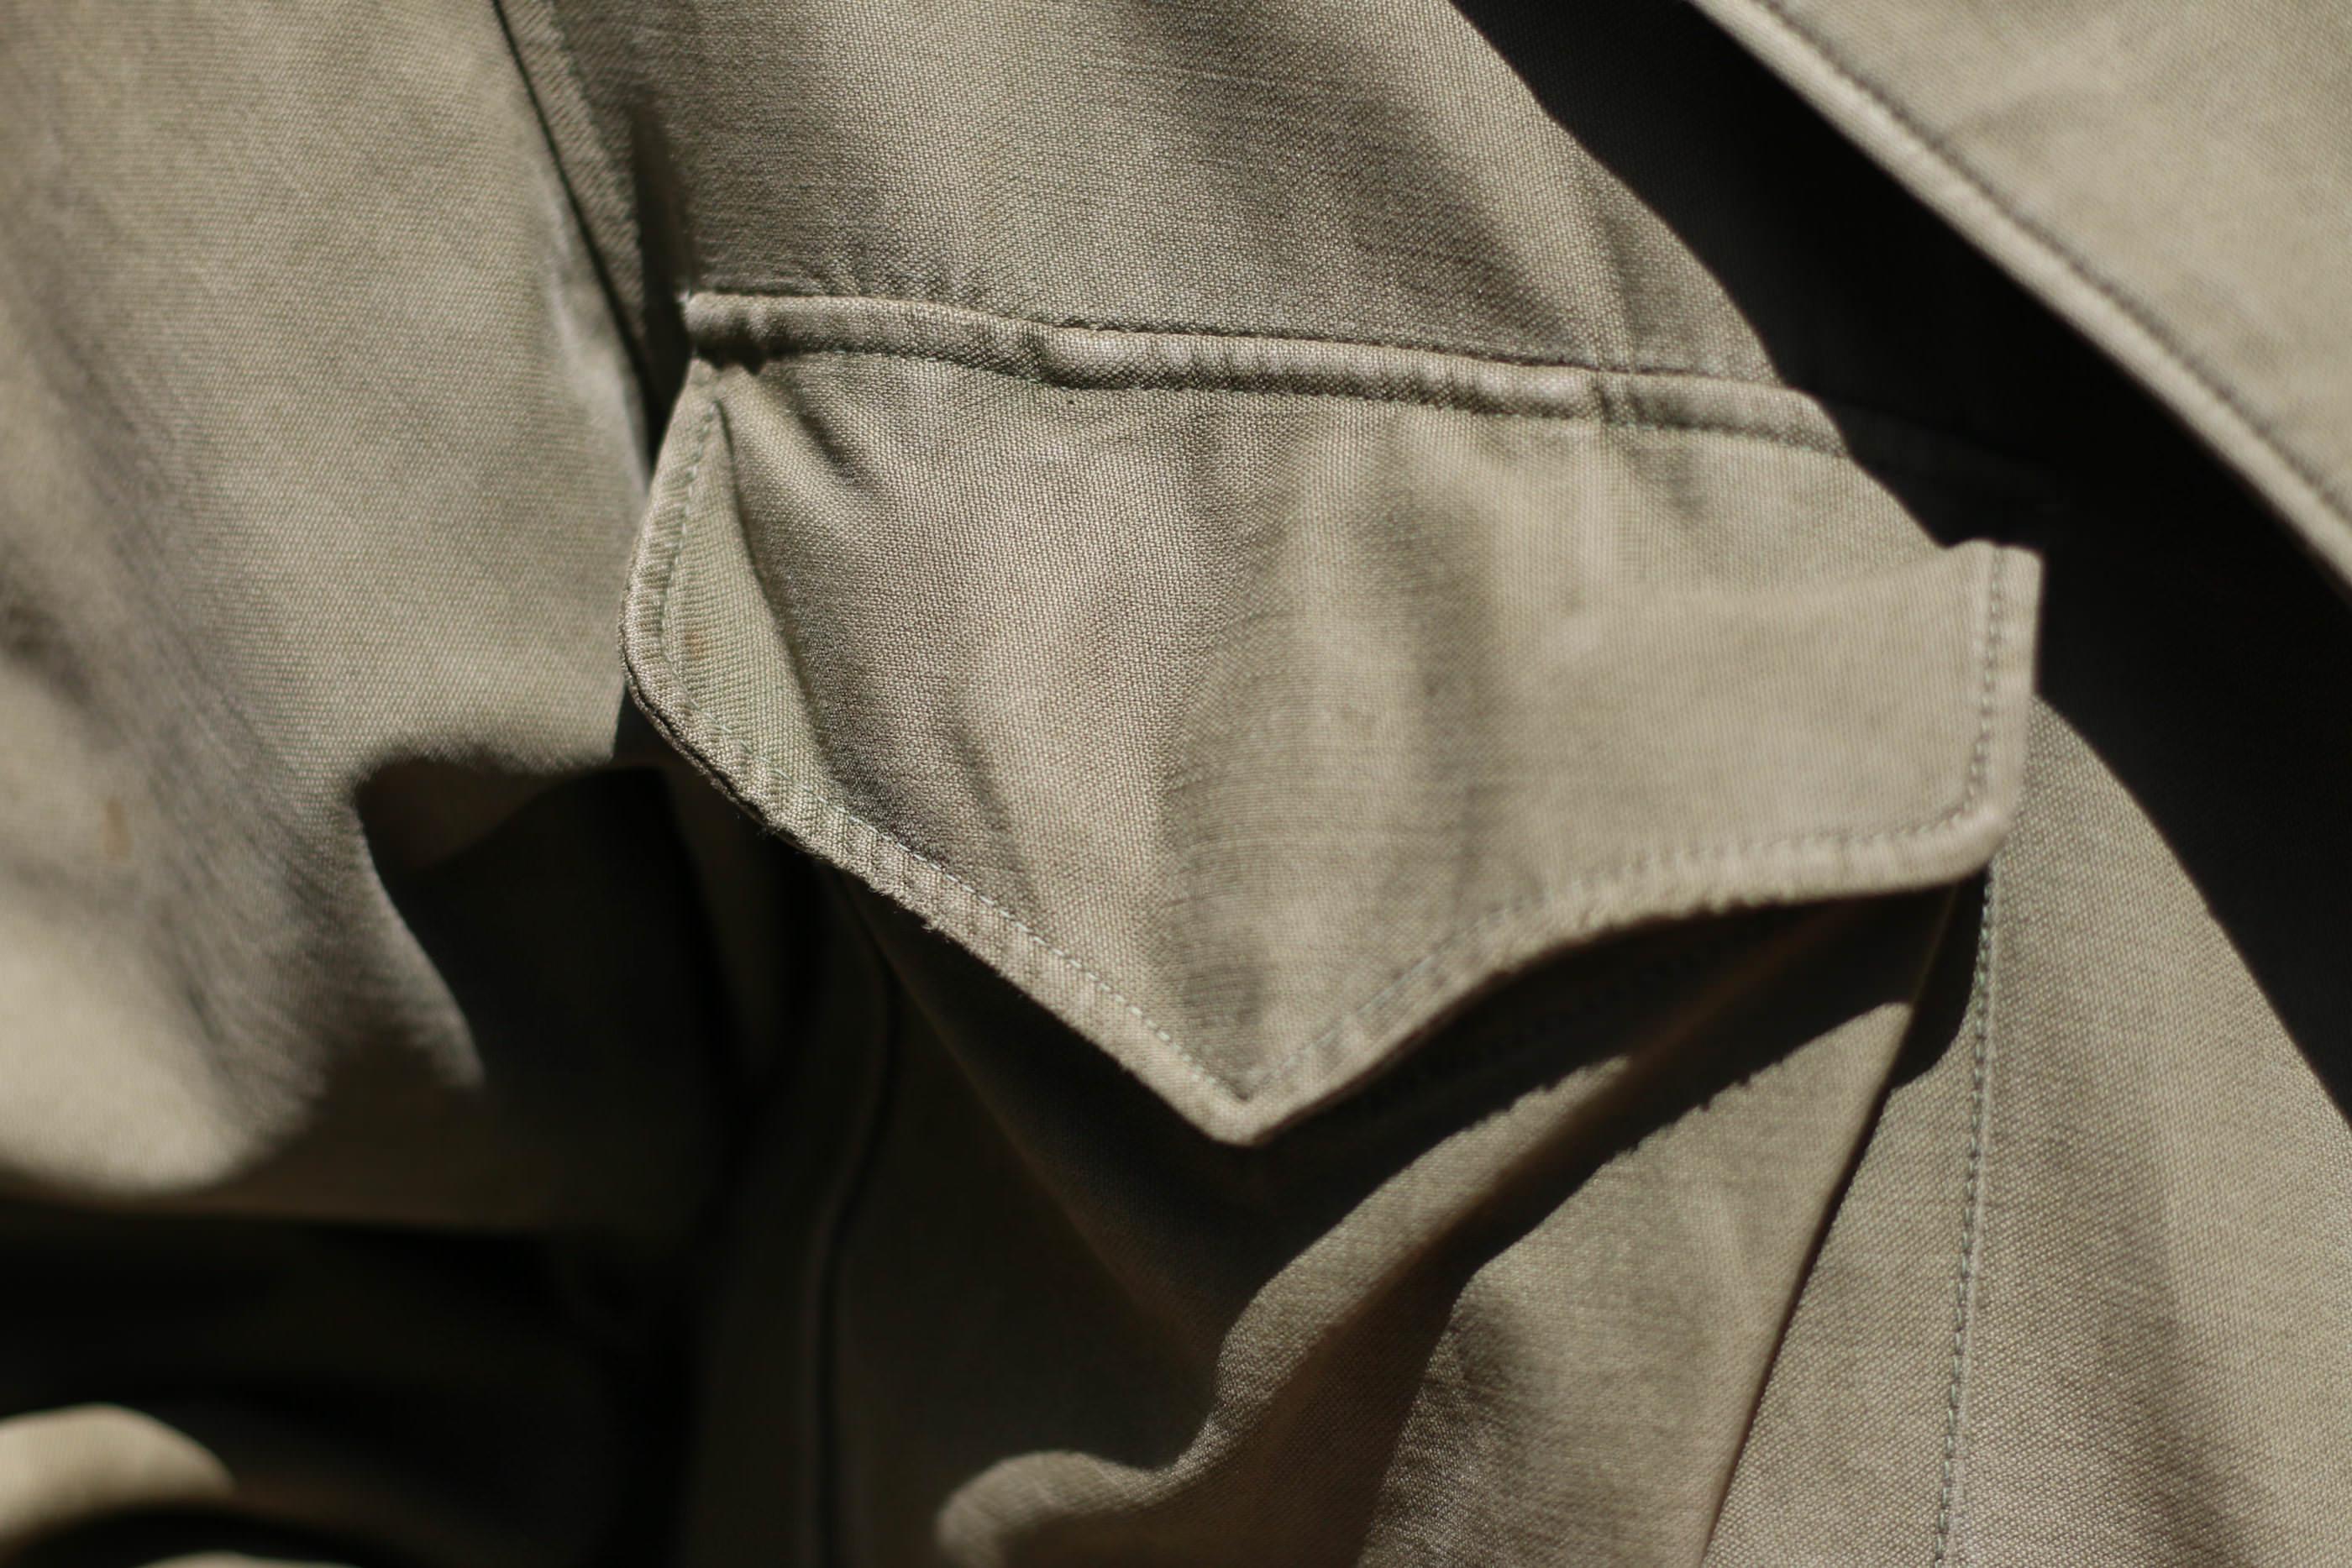 Tissu m-1943 OD7 Olive Drab n 7.